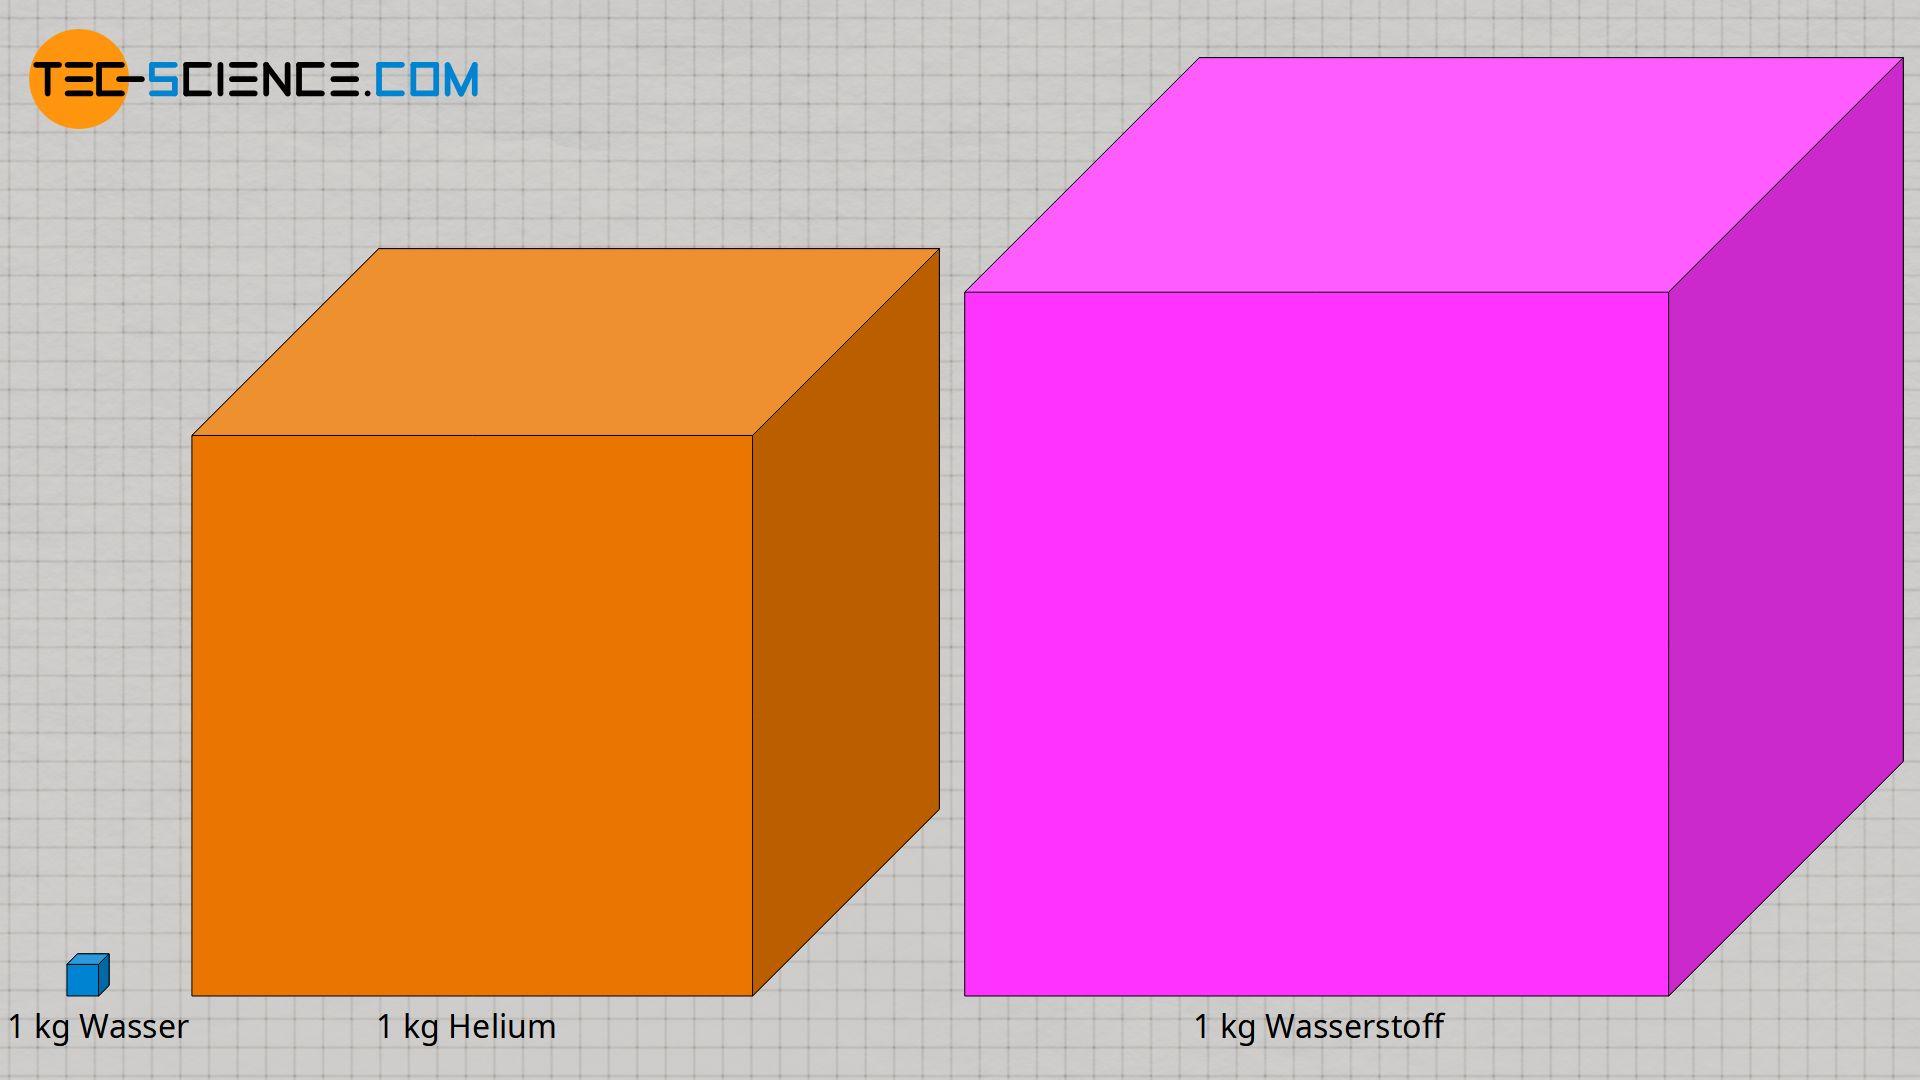 Volumen von 1 kg Wasserstoff, Helium und flüssigem Wasser im Vergleich (bei 1 bar)